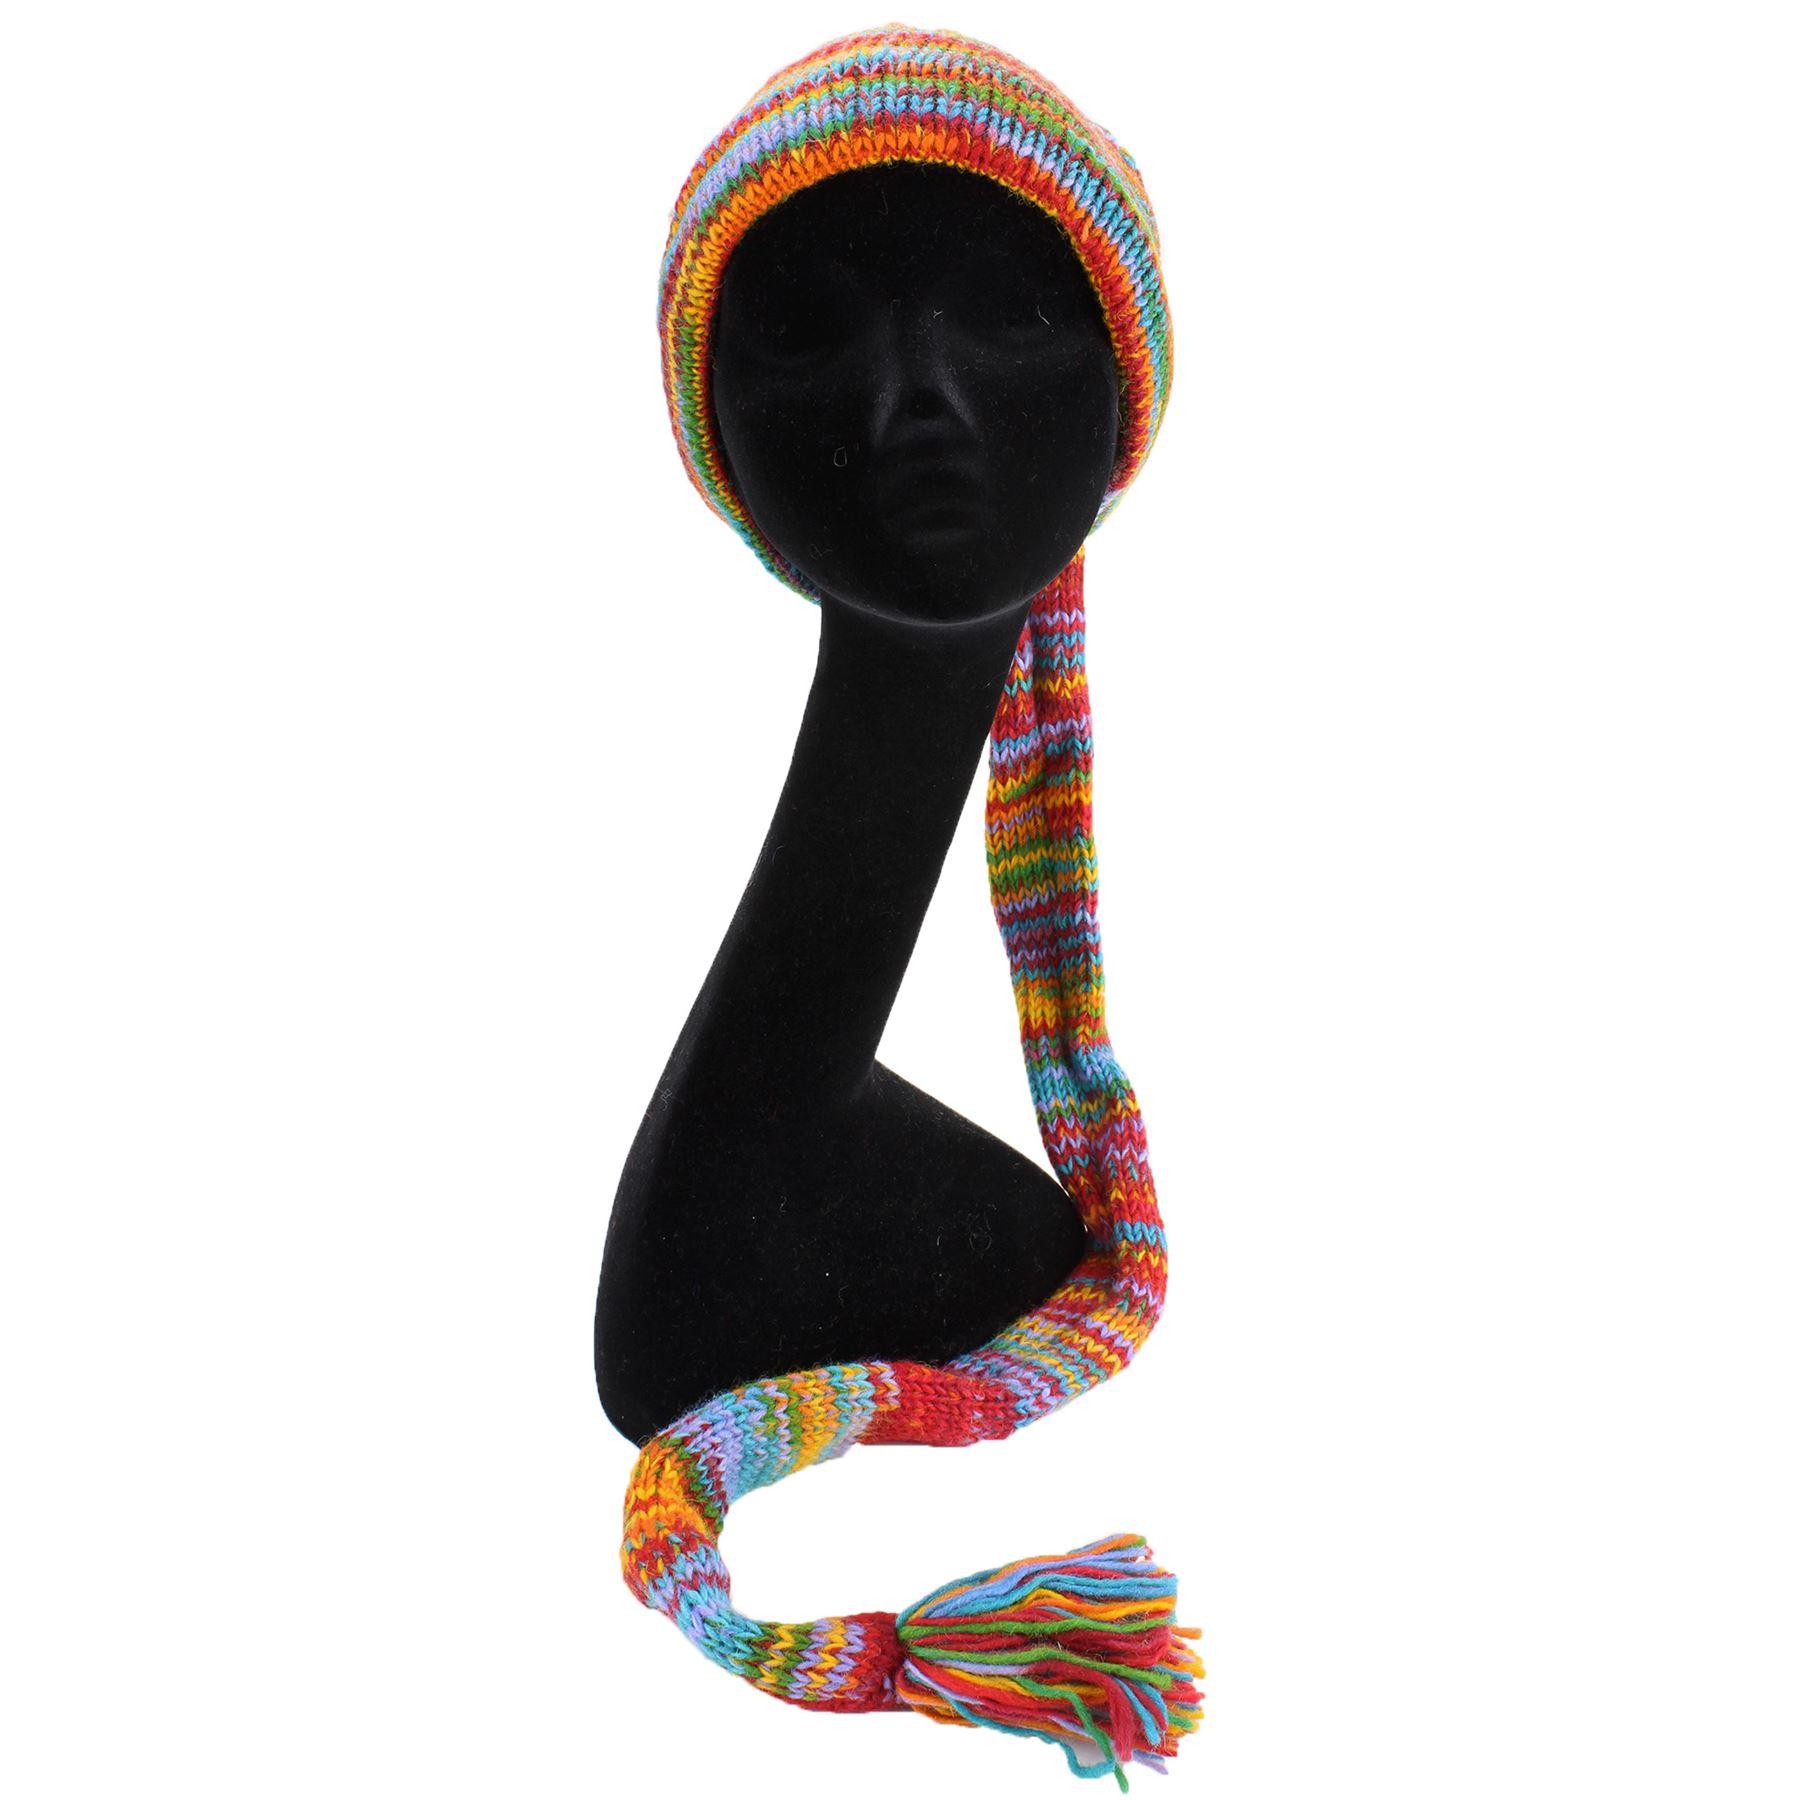 Laine Tricot Queue Hat Hippy Festival Slouch Beanie Space Dye doublées en polaire